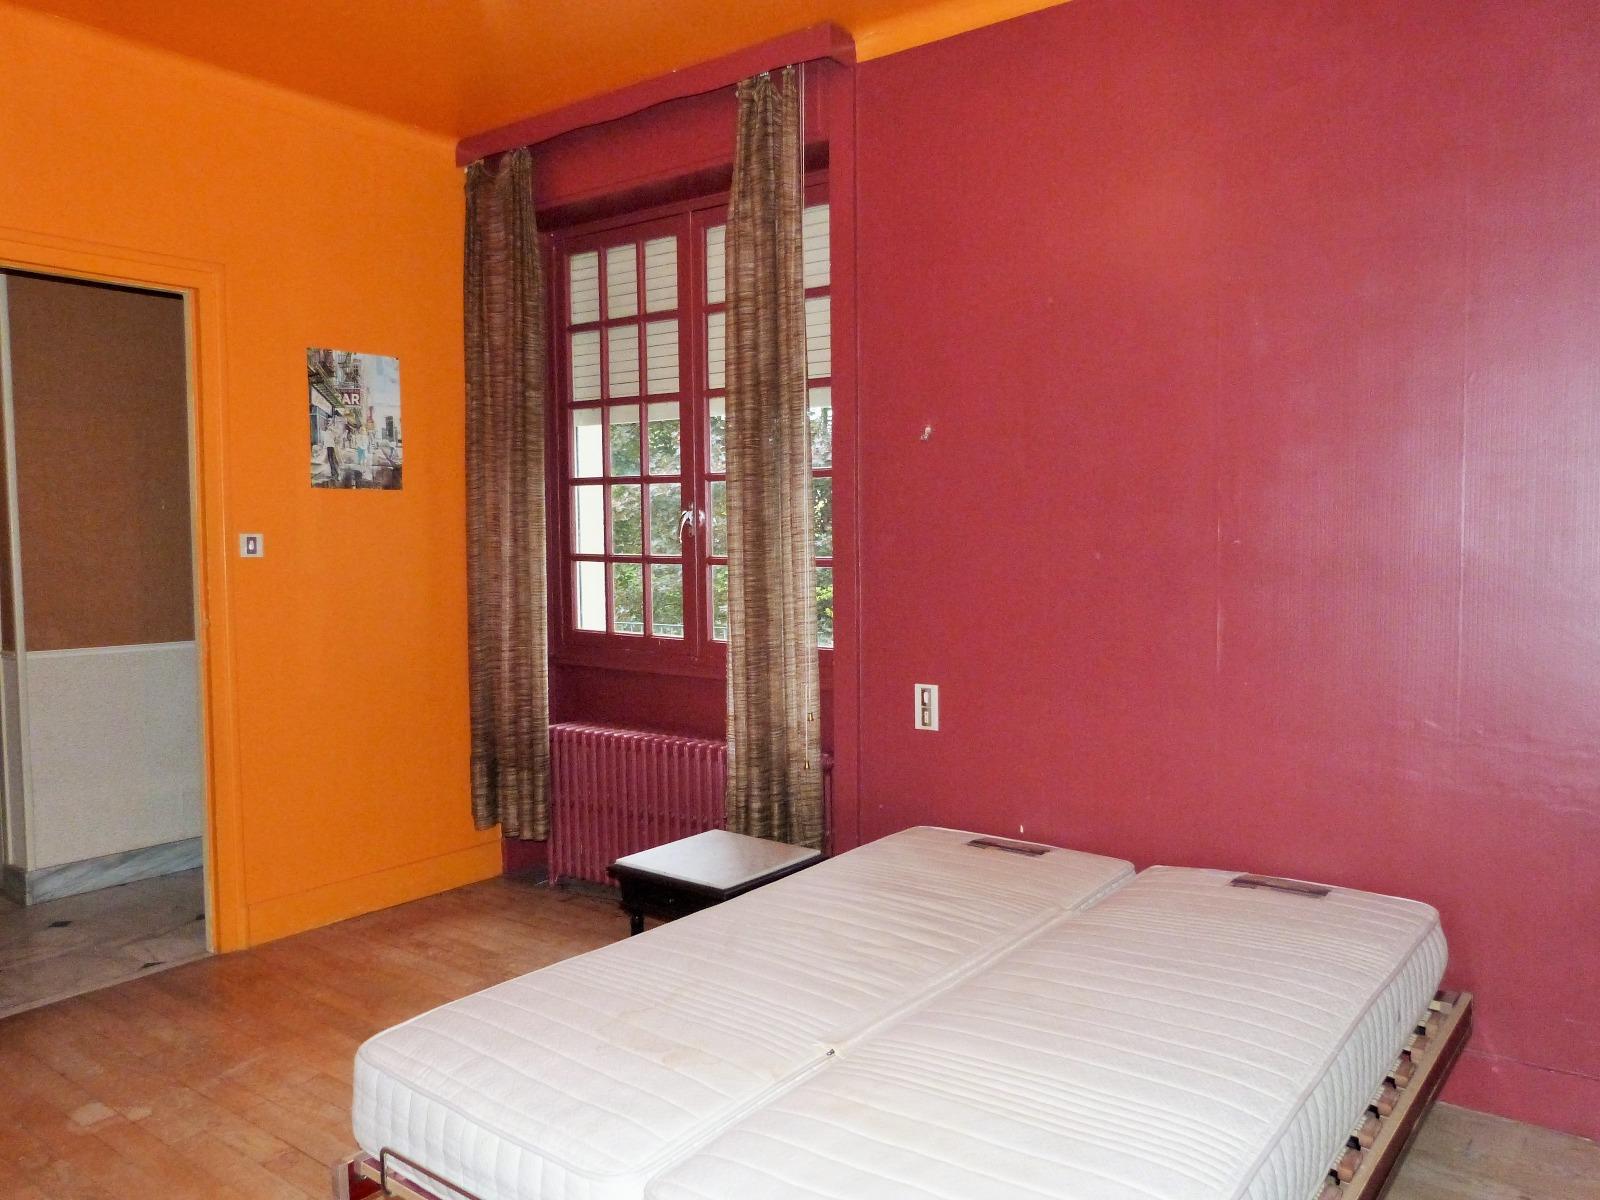 Lons le saunier 18km jura vends maison de ma tre 255m env id ale chambres h tes activit - Chambre hote lons le saunier ...